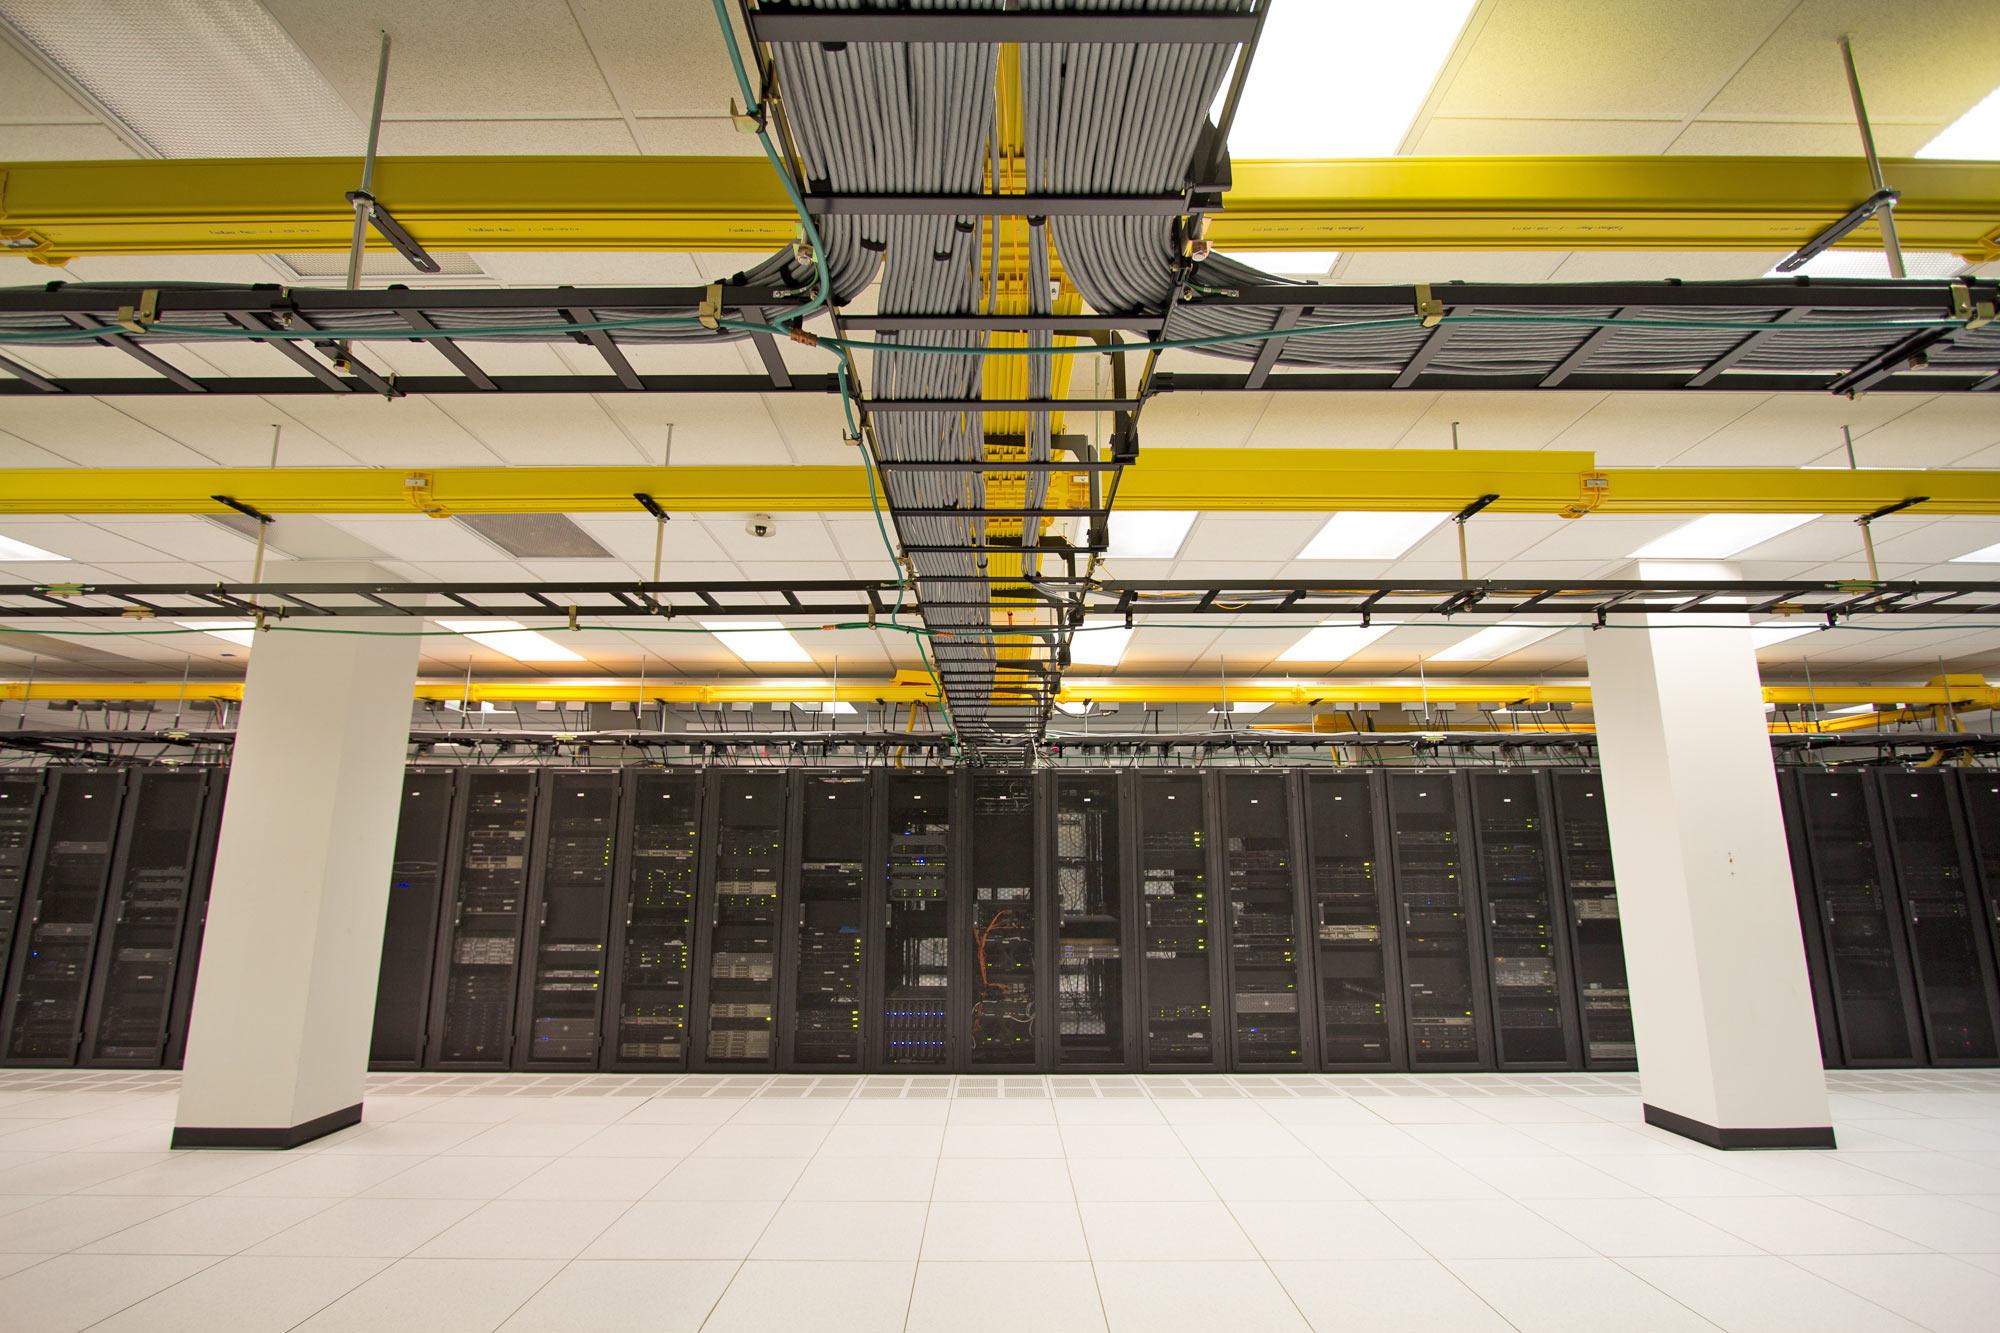 Дата-центр NY1 компании Webair: один из самых надежных дата-центров Tier II ...